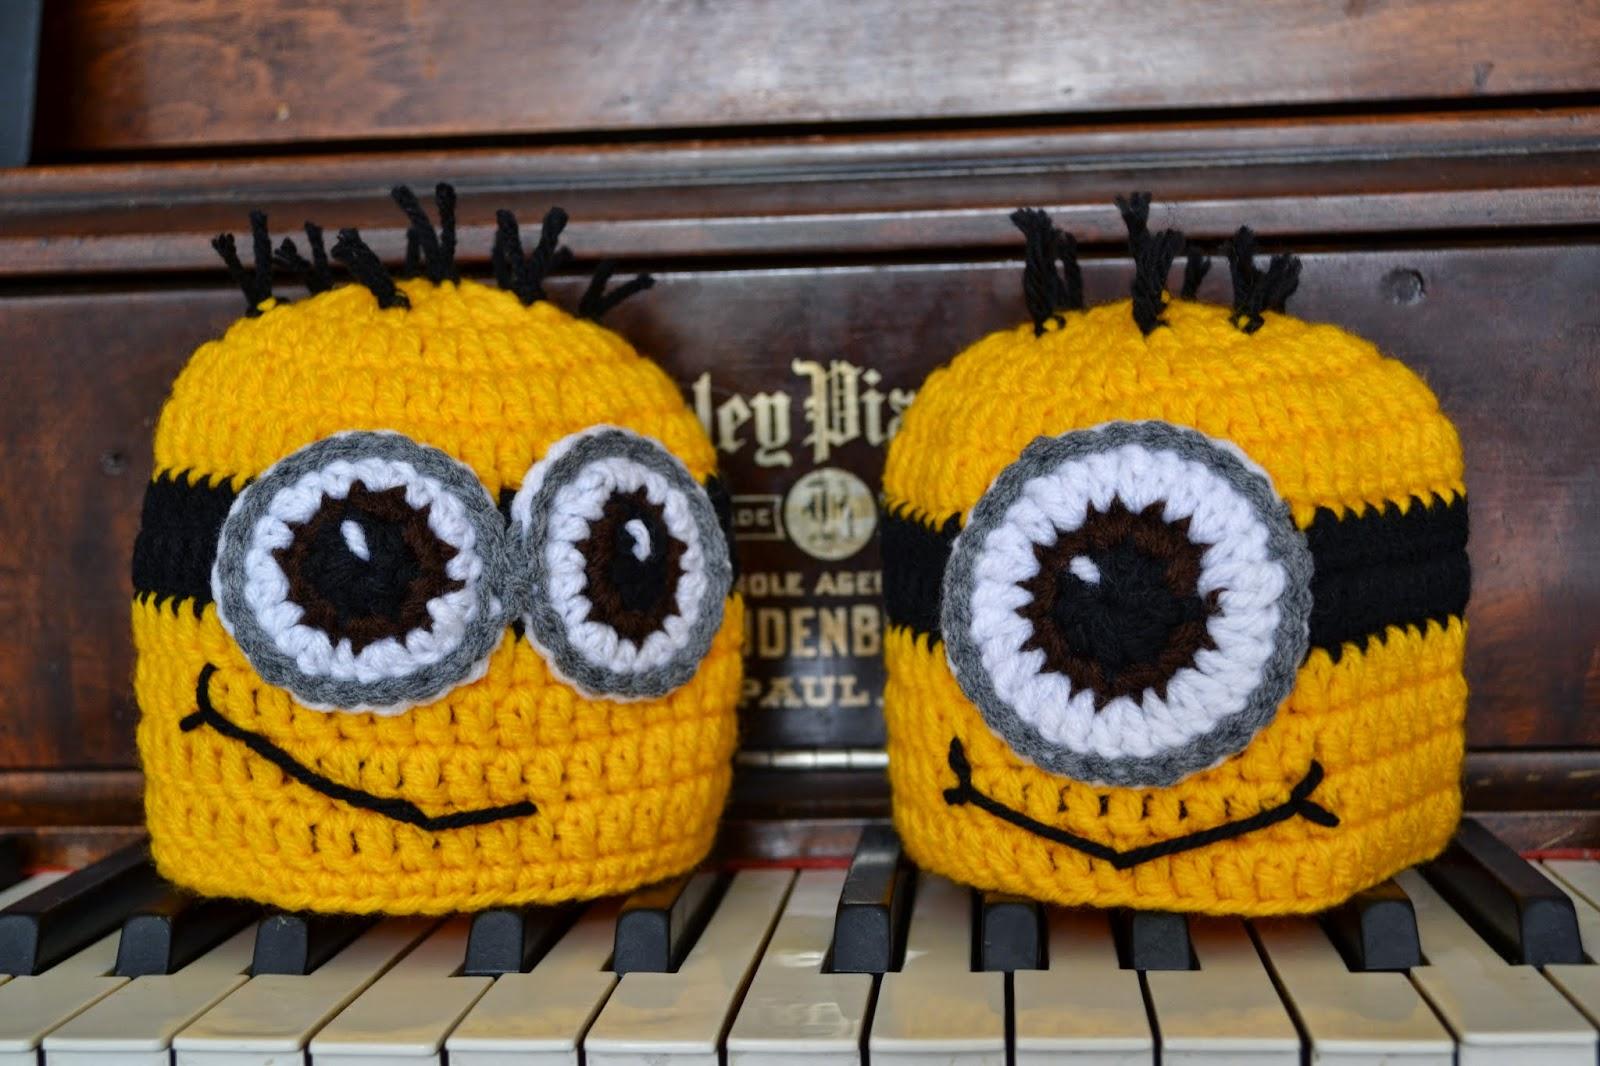 Knotty Knotty Crochet  Minions oh minions! FREE PATTERN! b325217f7e7